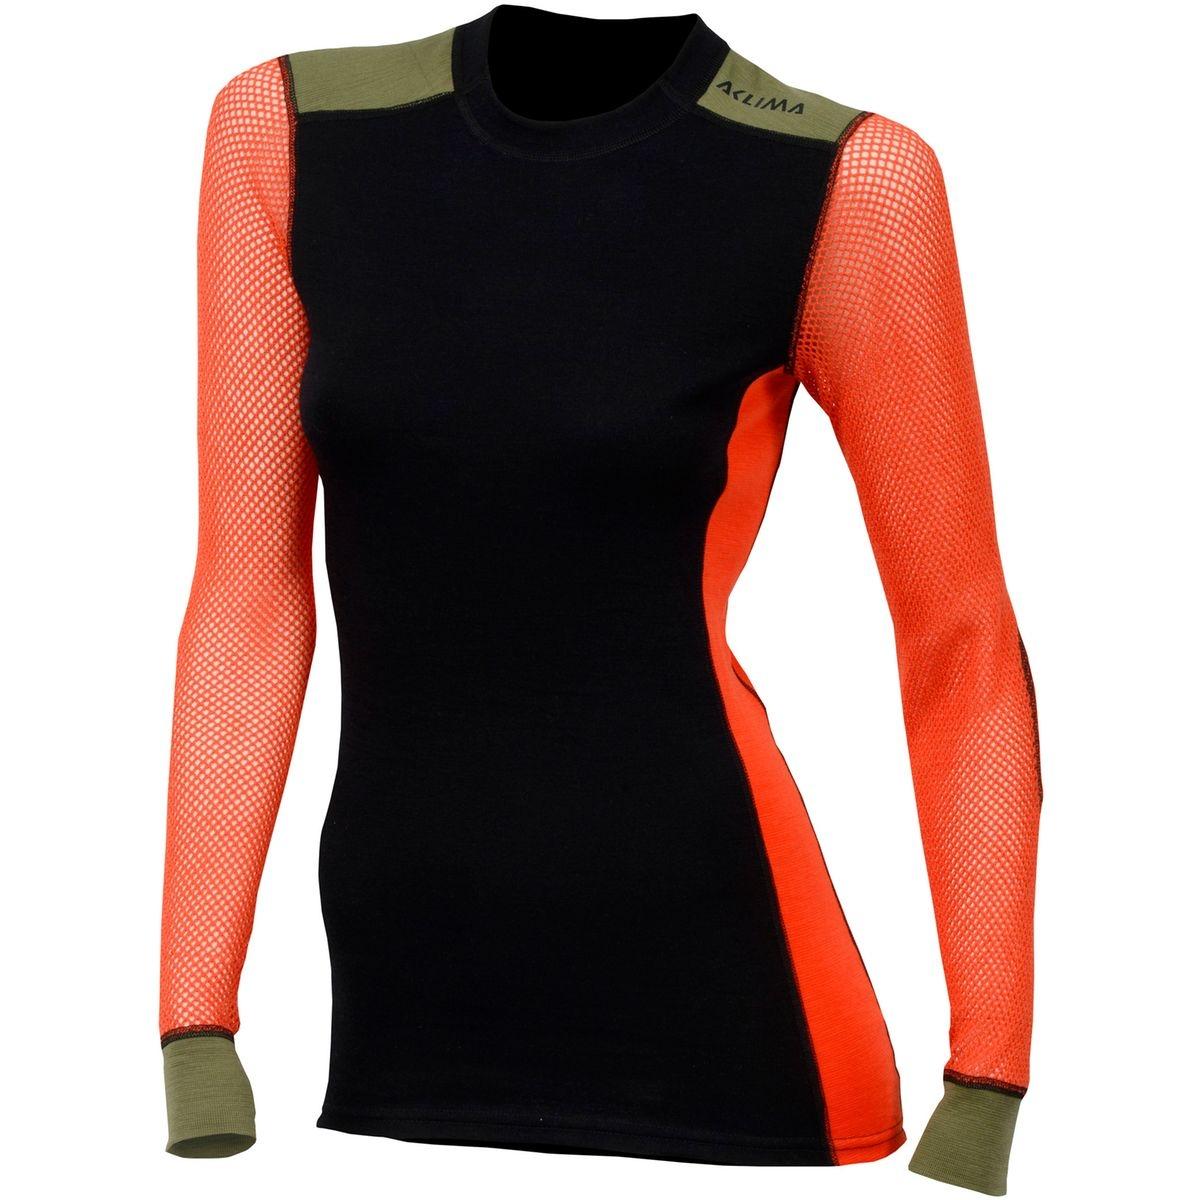 Hiking - Sous-vêtement Femme - orange/noir